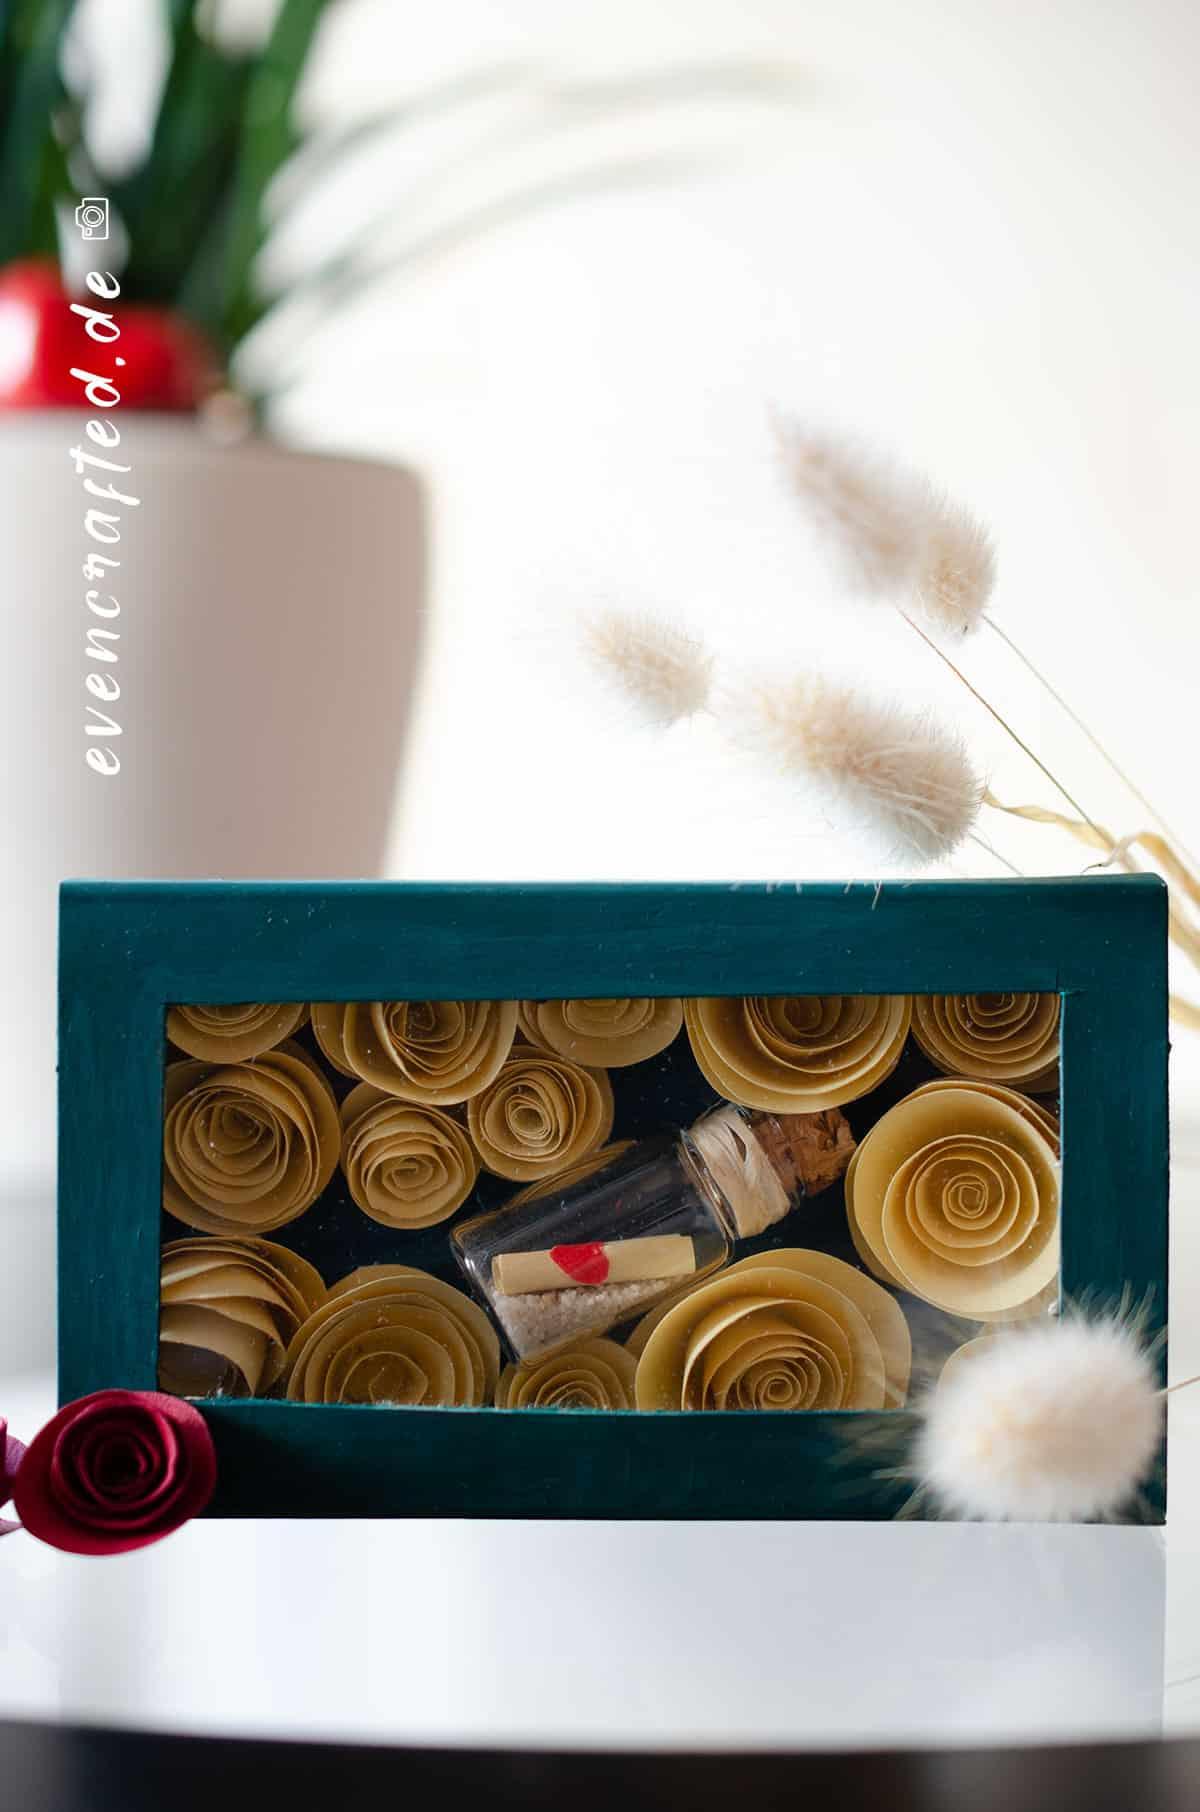 Valentinstag steht vor der Tür und Du hast noch kein Geschenk? Mein DIY Bastel Geschenk kommt von Herzen und ist schnell gemacht | evencrafted.de ♥ DIY & Naturkosmetik Blog